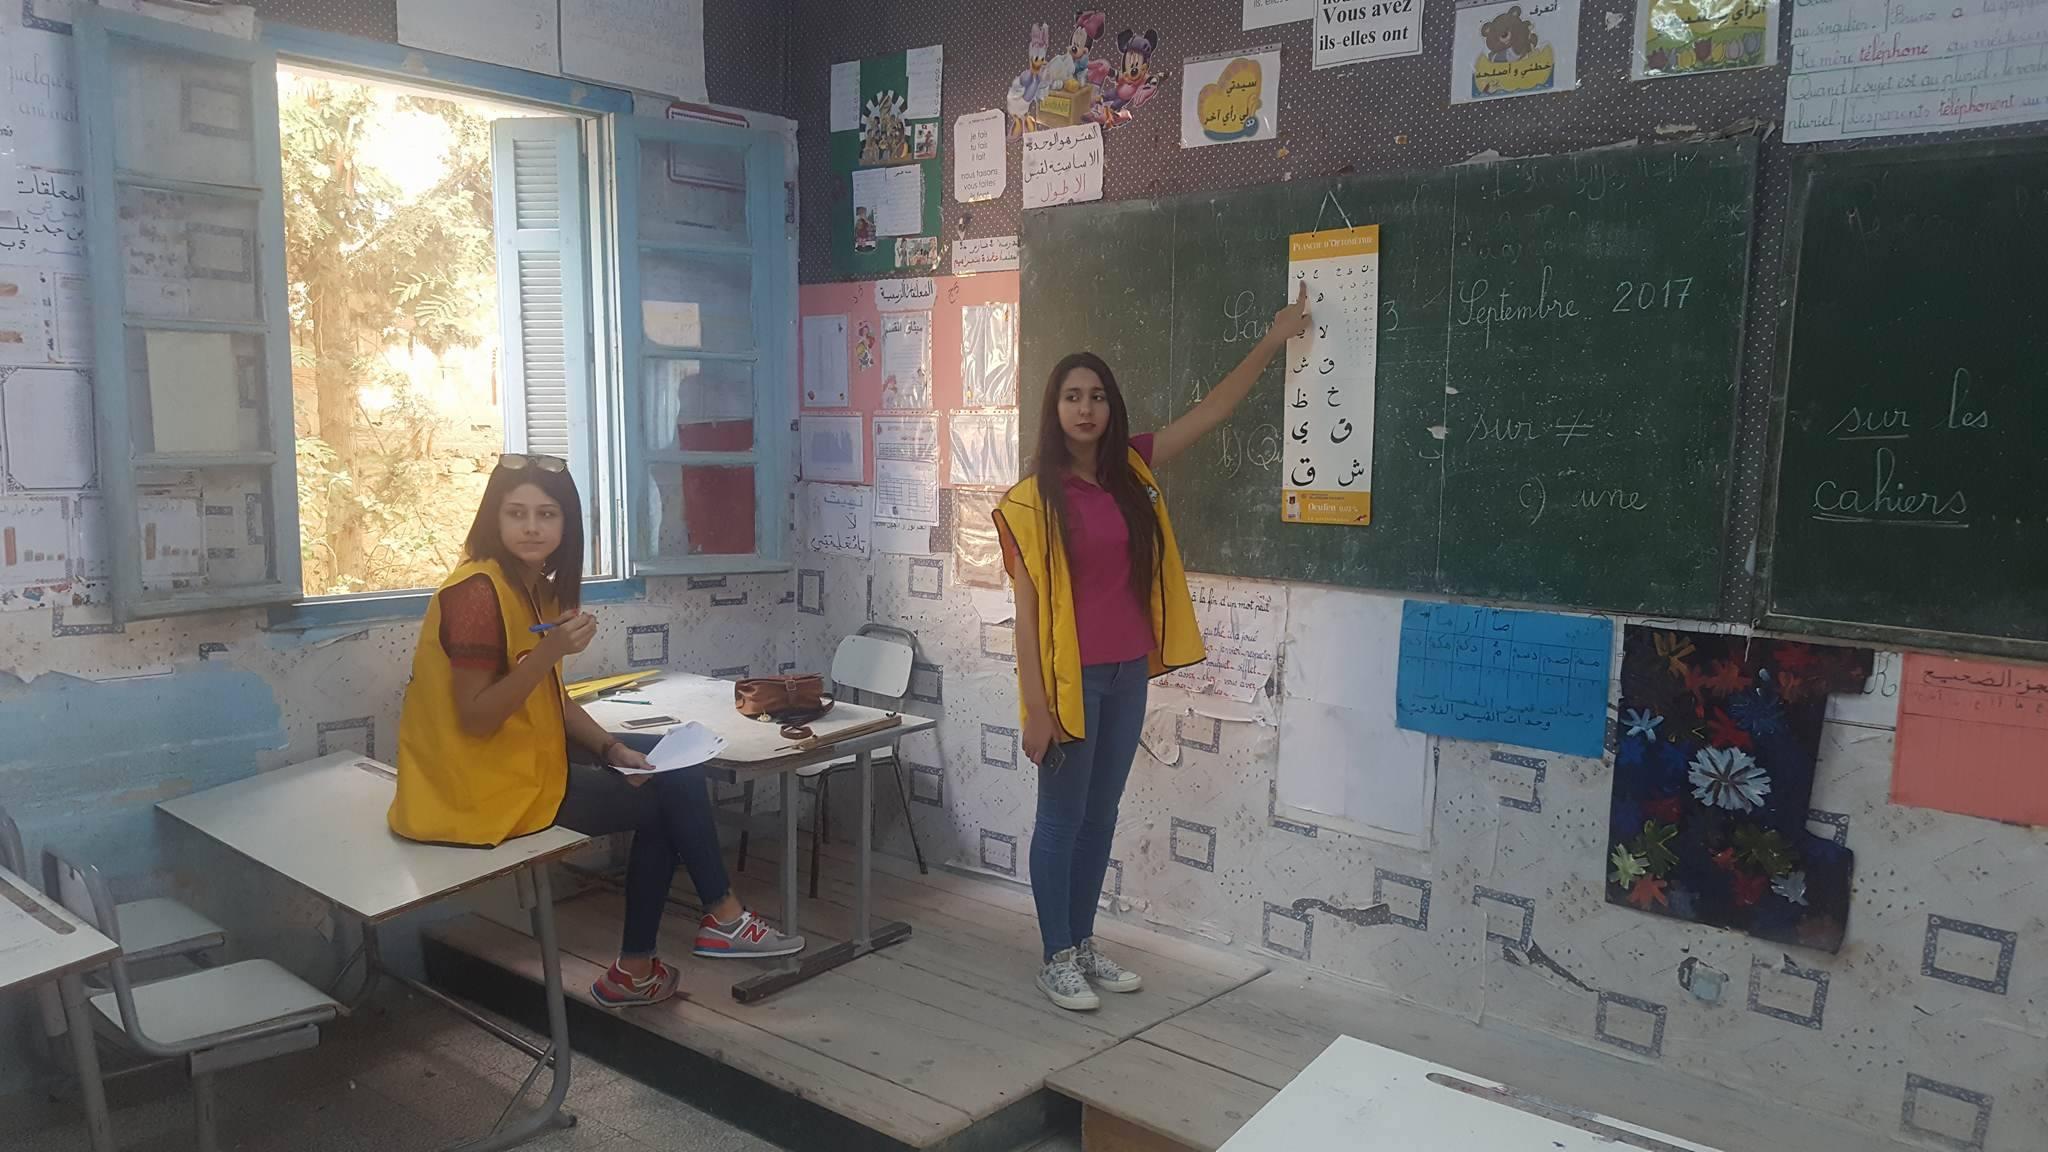 نادي ليو صفاقس المتوسطي يُنظم قافلة صحية بمدرسة في عقارب